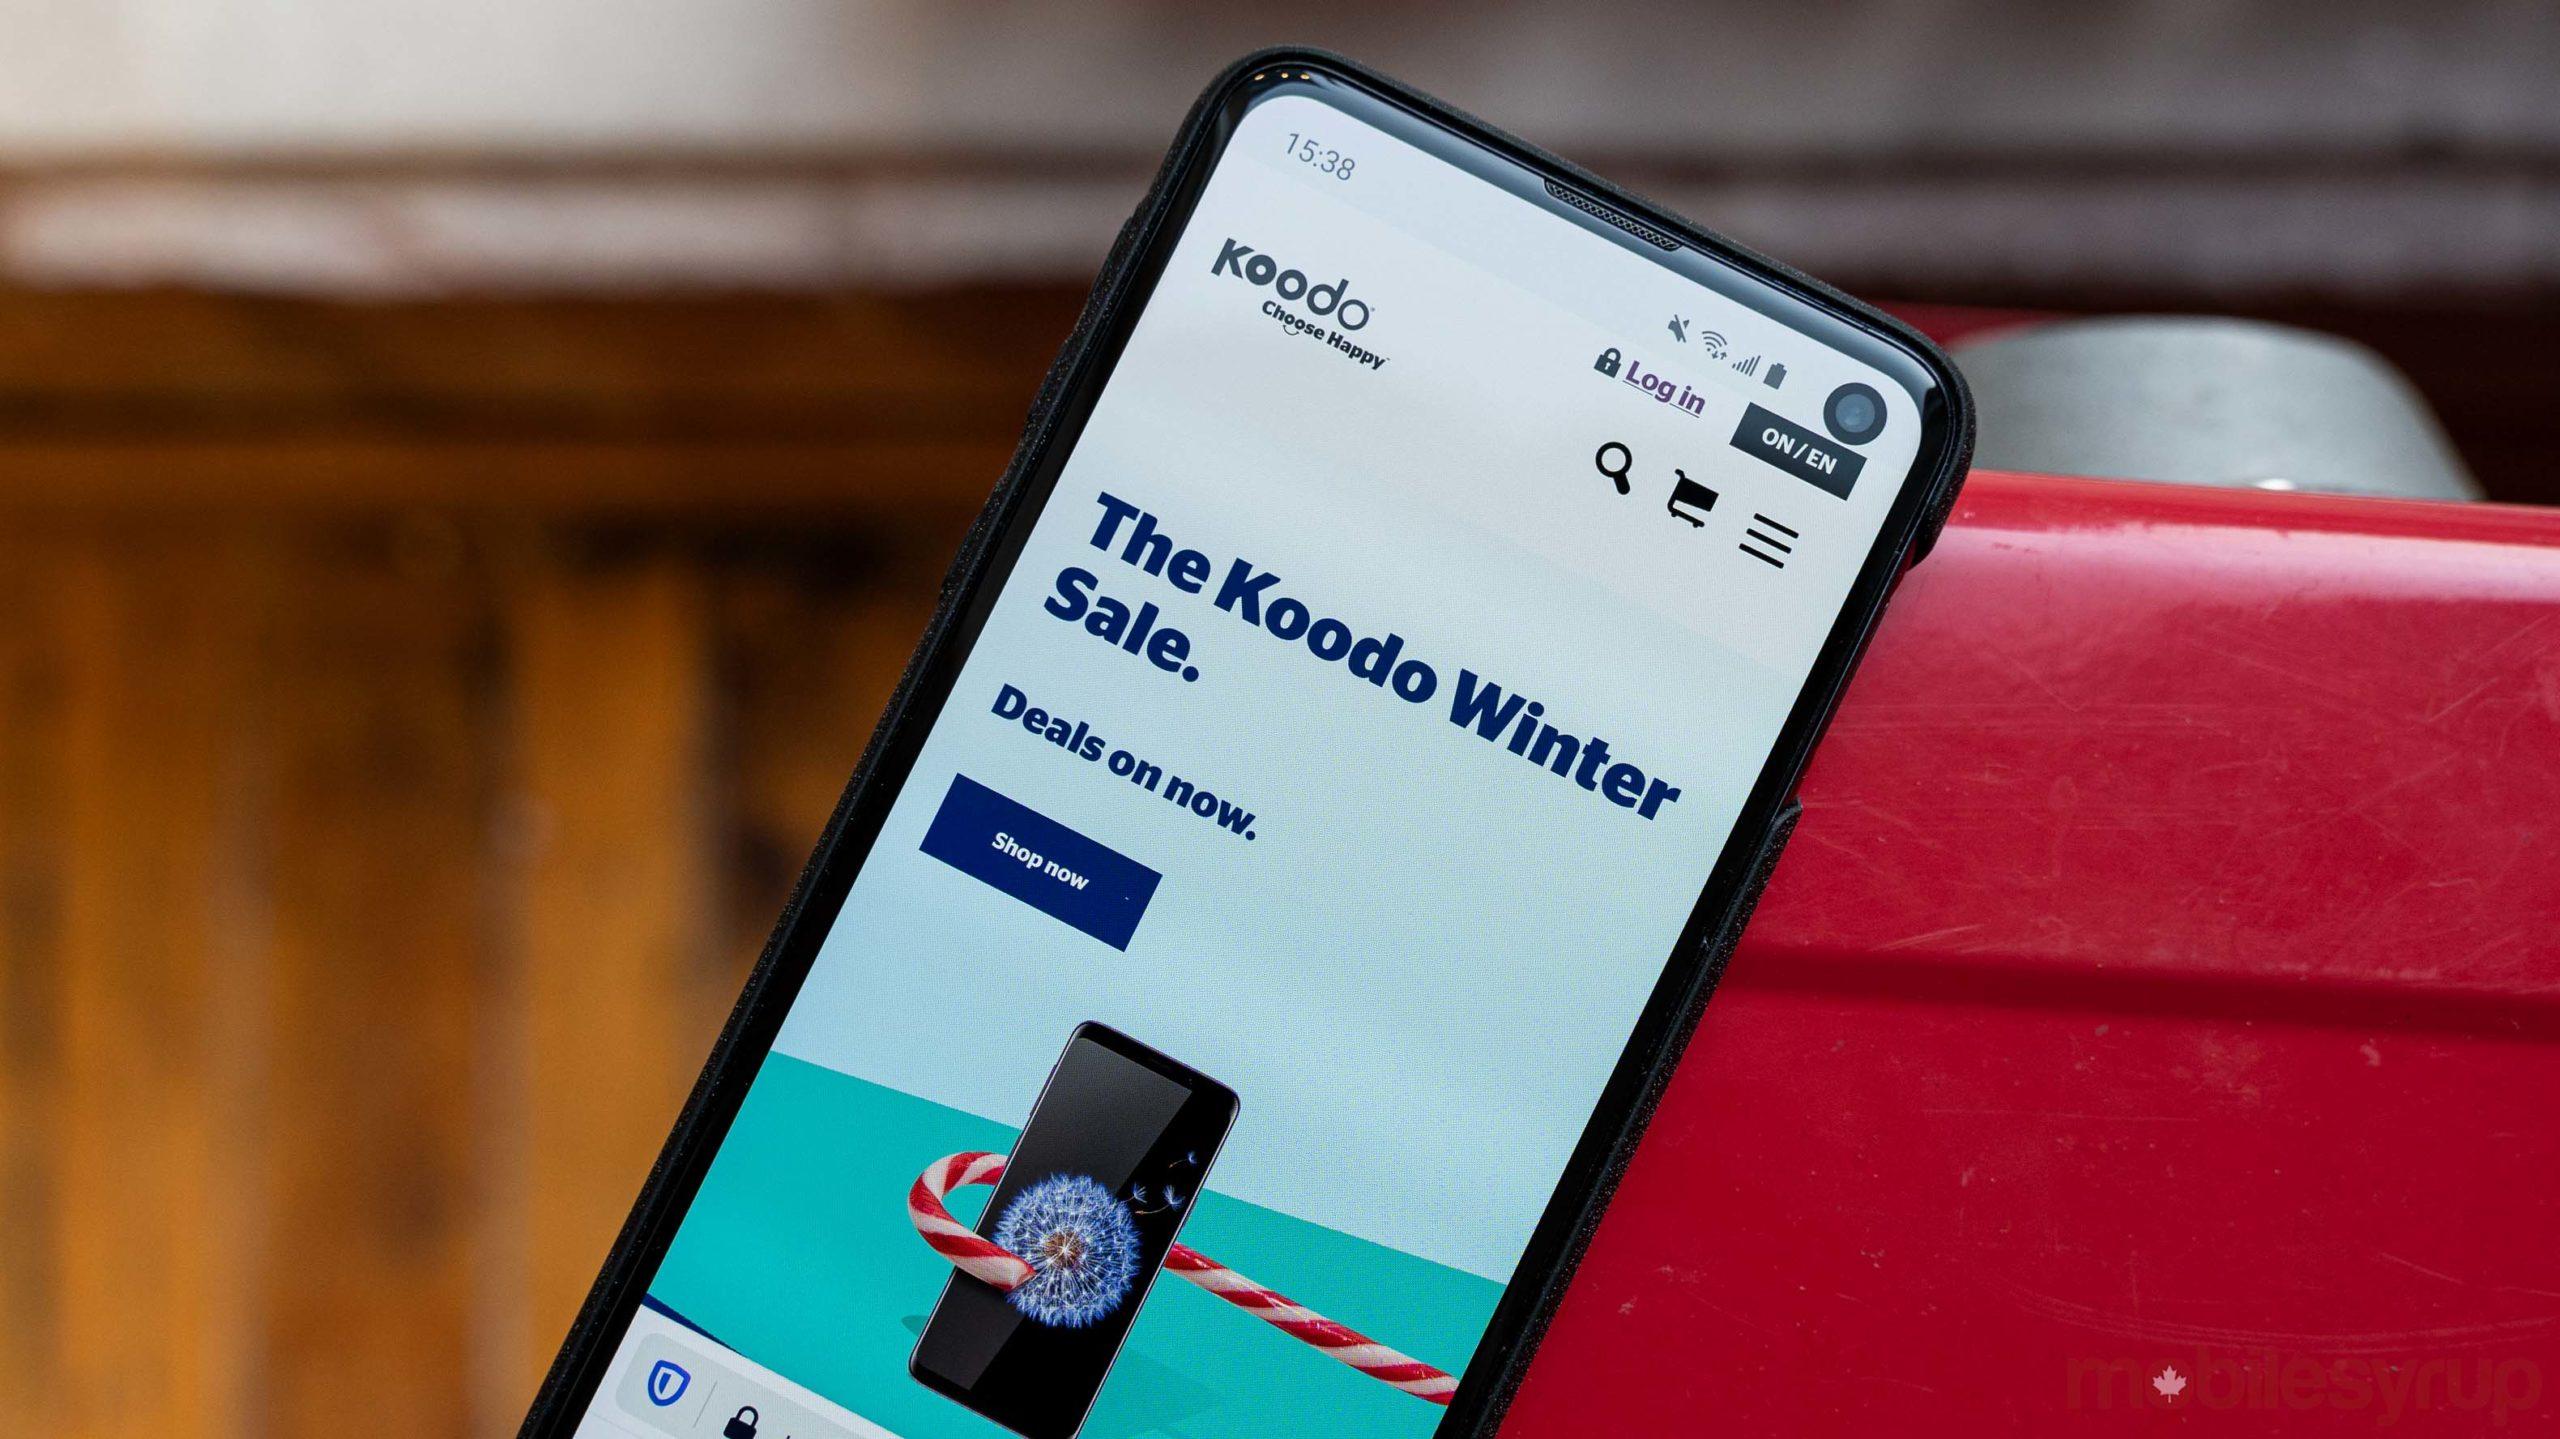 Koodo Winter Sale